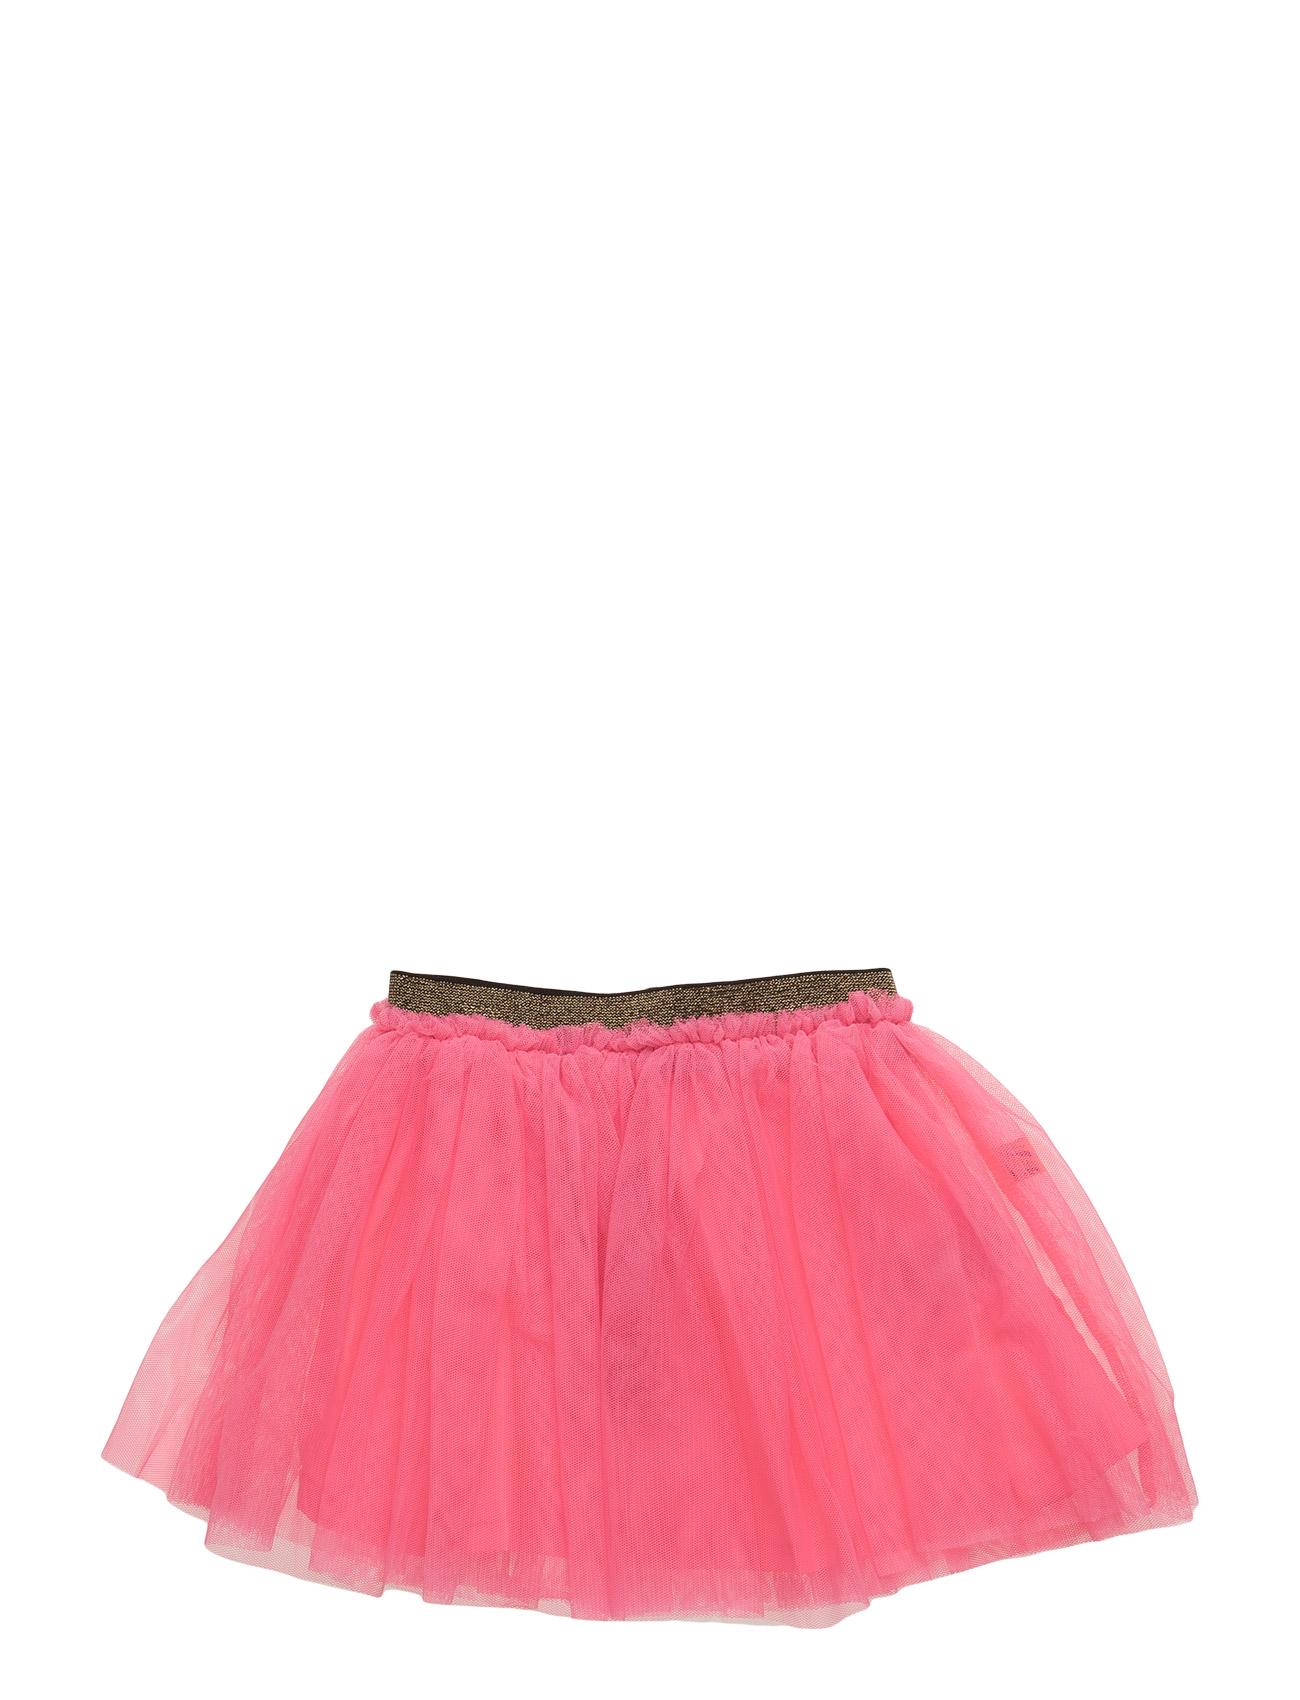 Gerda, Mini Skirt Tulle MeToo Nederdele til Børn i